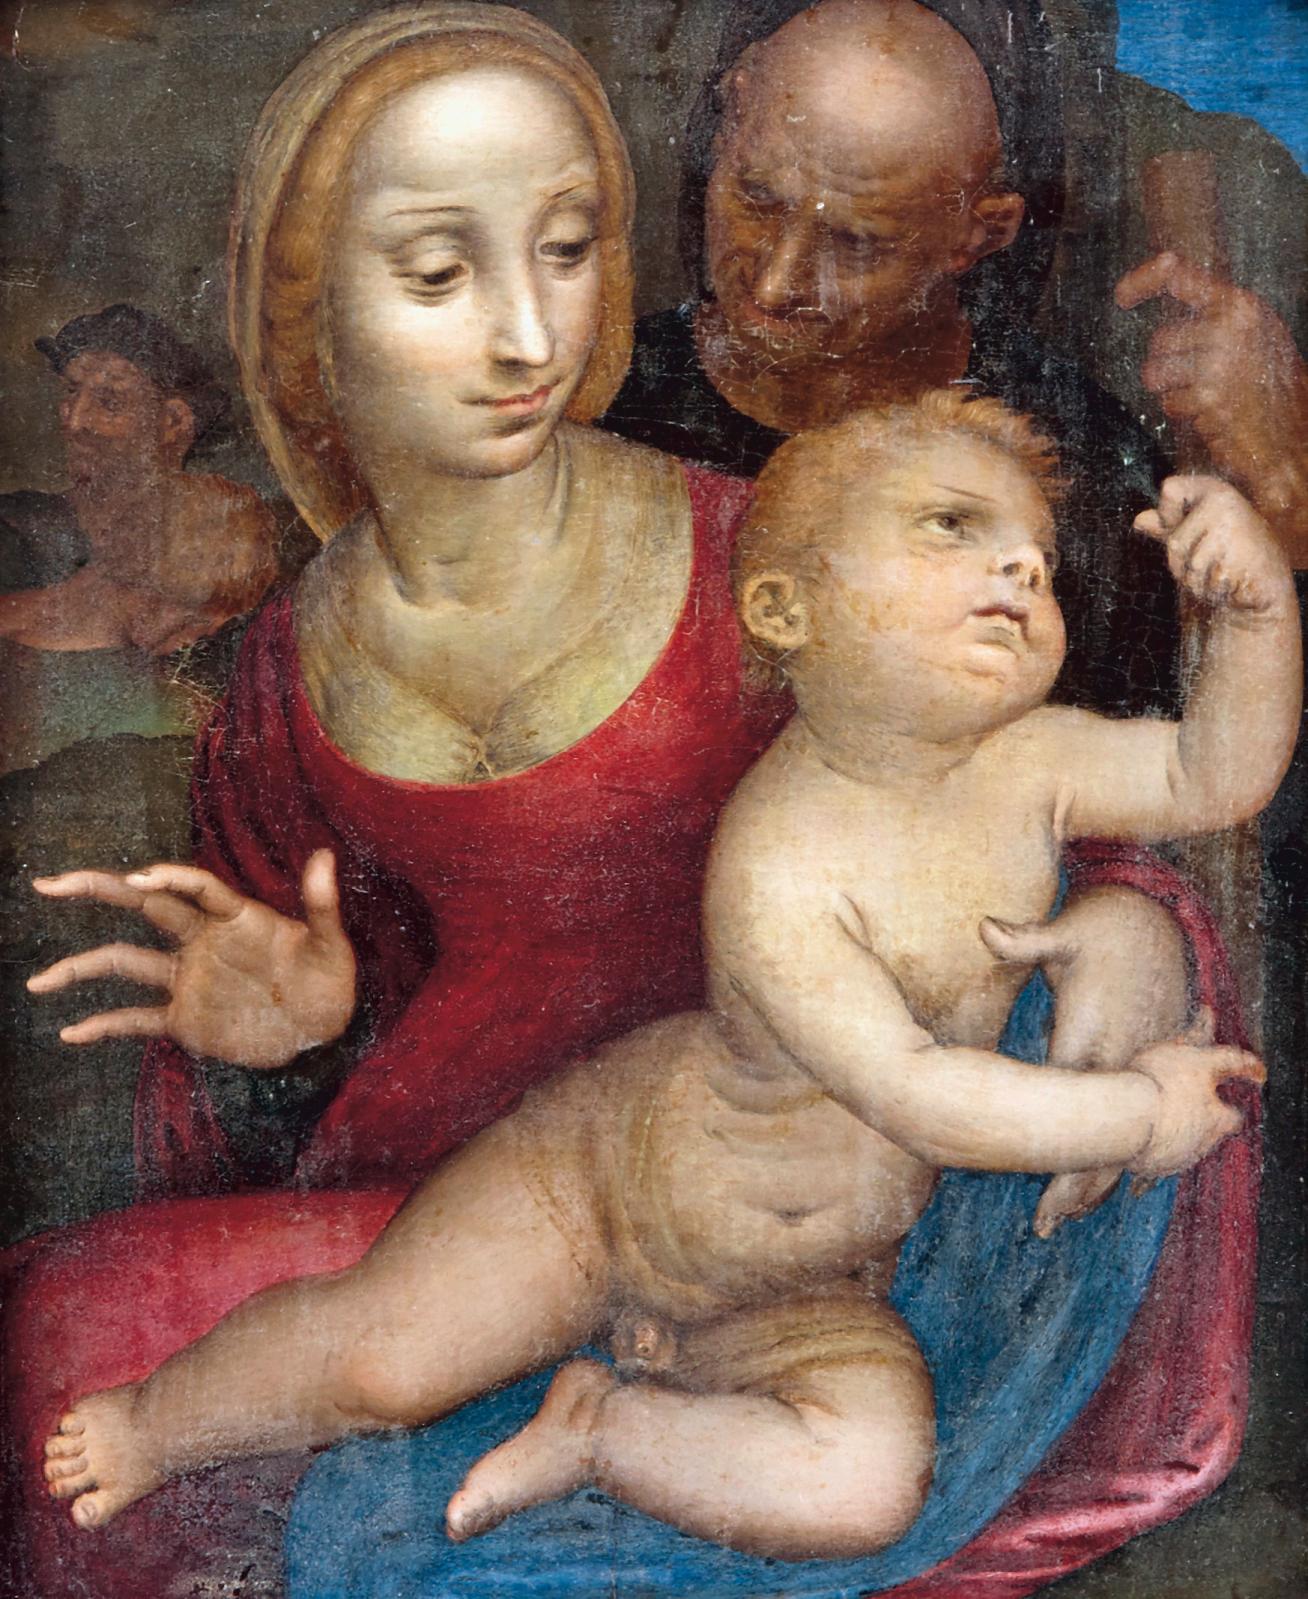 Fernando Yáñez de la Almenida (vers 1475-1537) voit le jour dans la ville du même nom, située en Castille. Il va devenir l'un des peintres les plus im